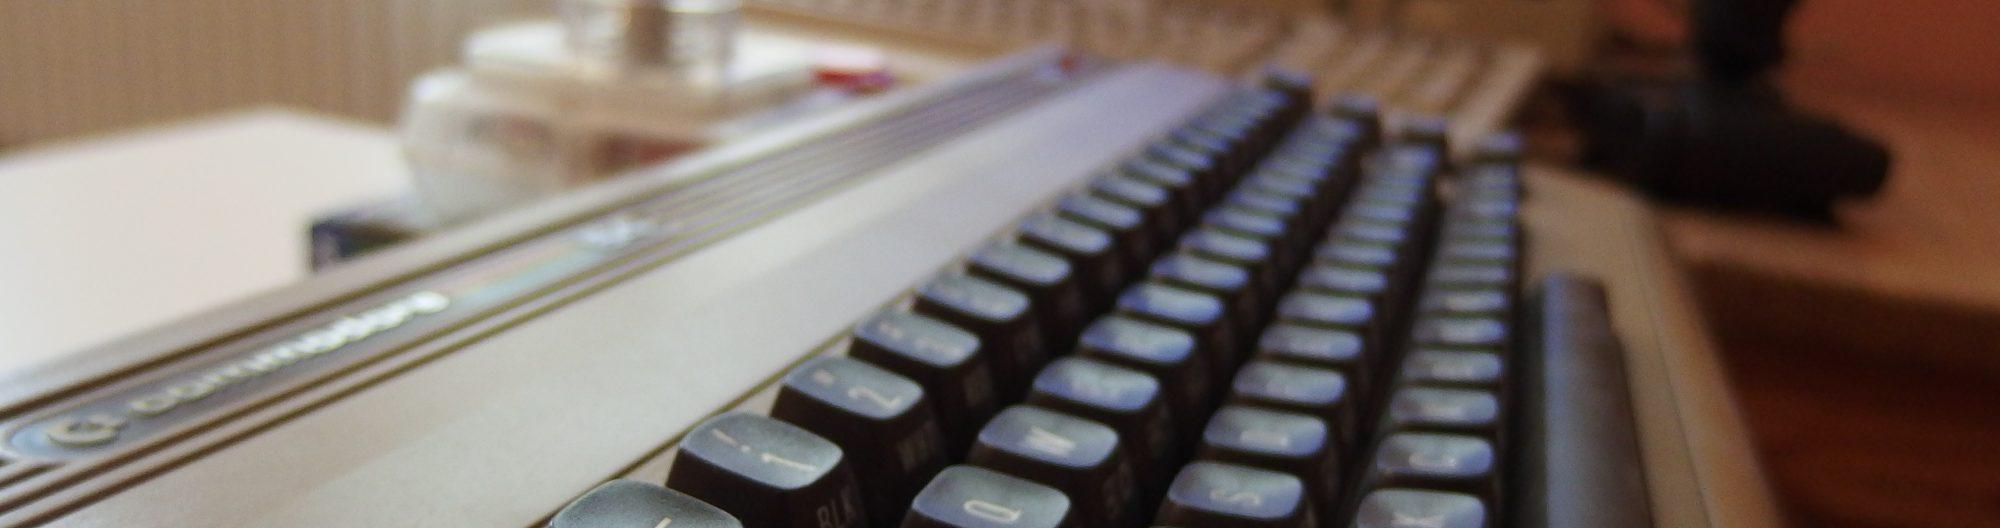 Tauschseite Computersammler